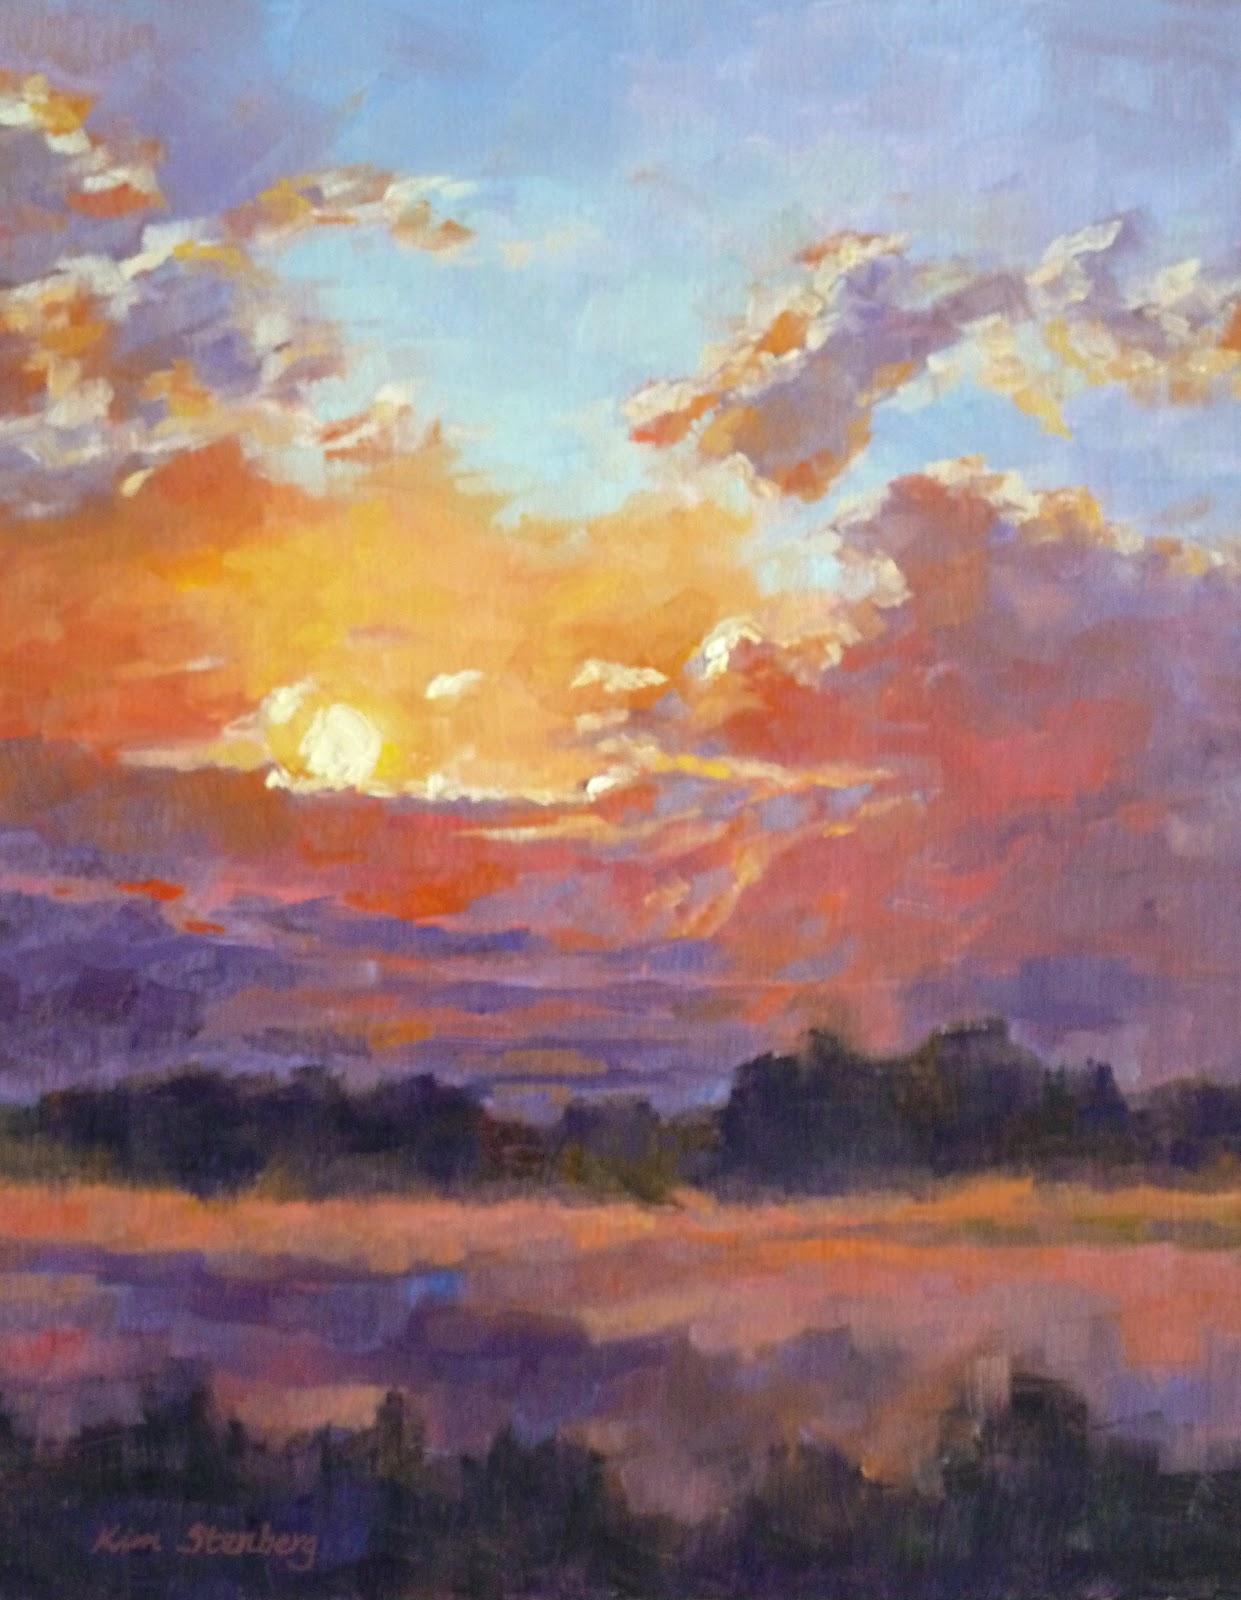 Kim Stenberg's Painting Journal: December 2012